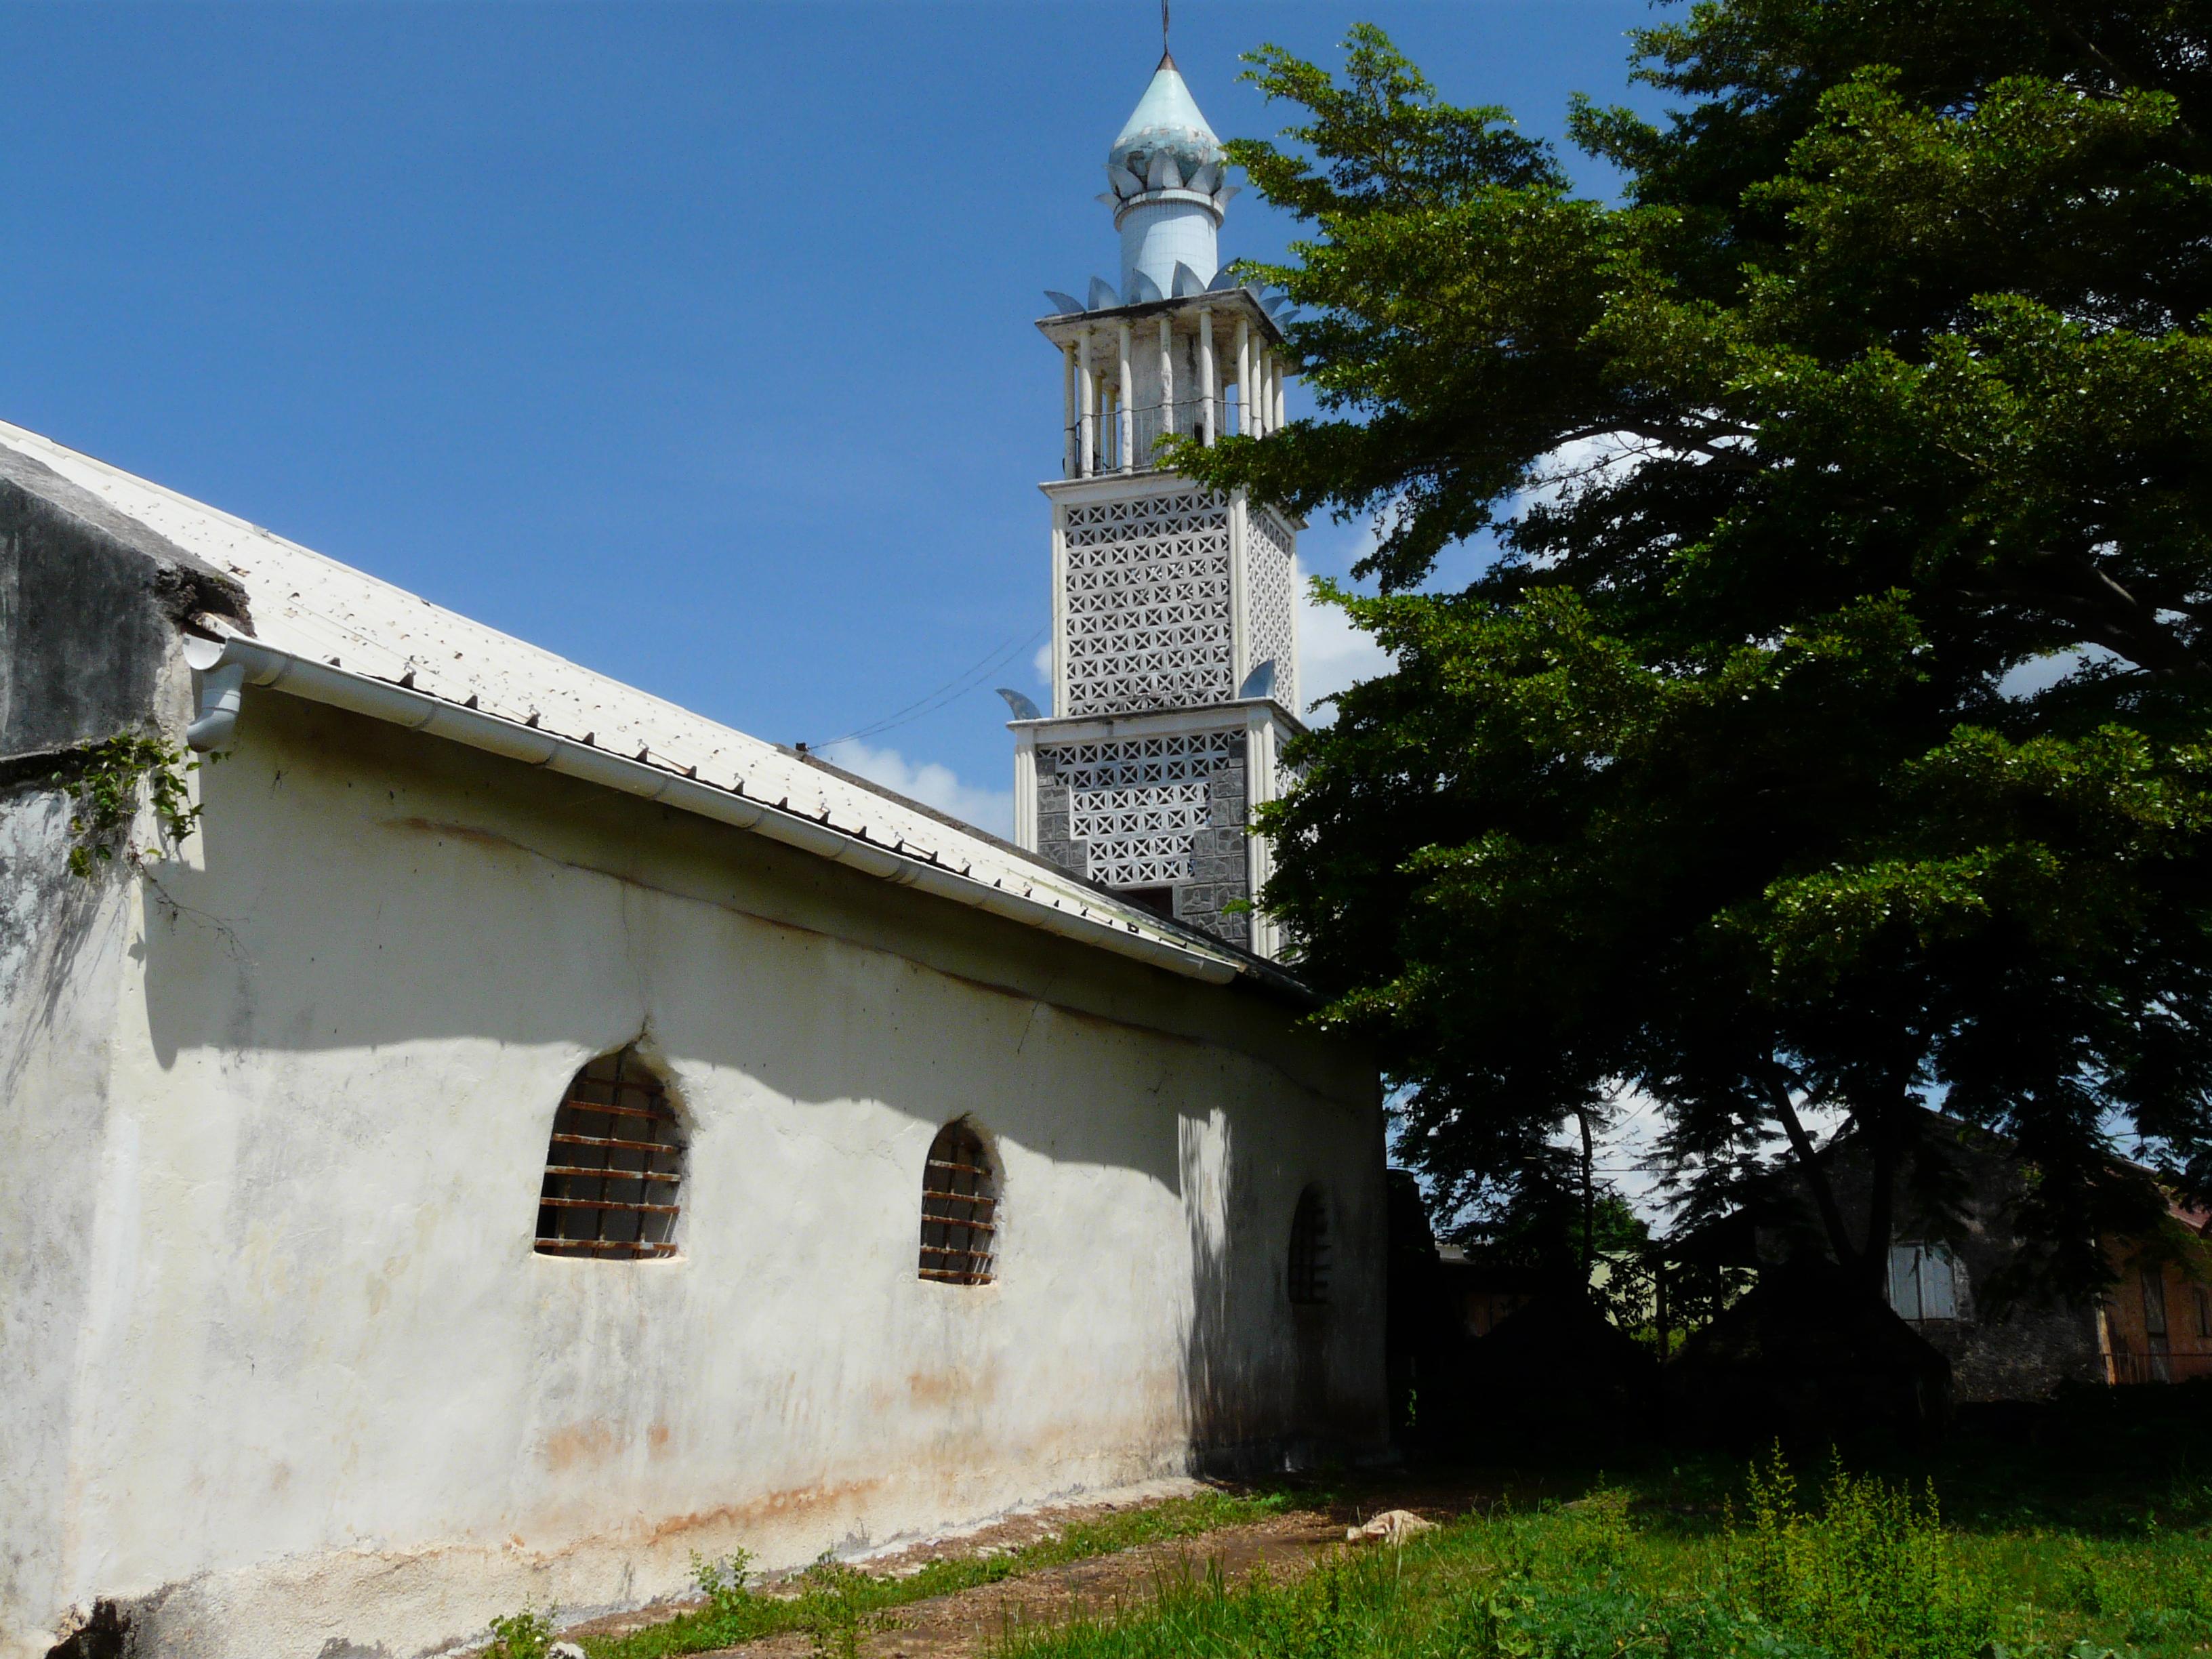 Картинки по запросу mayotte mosque